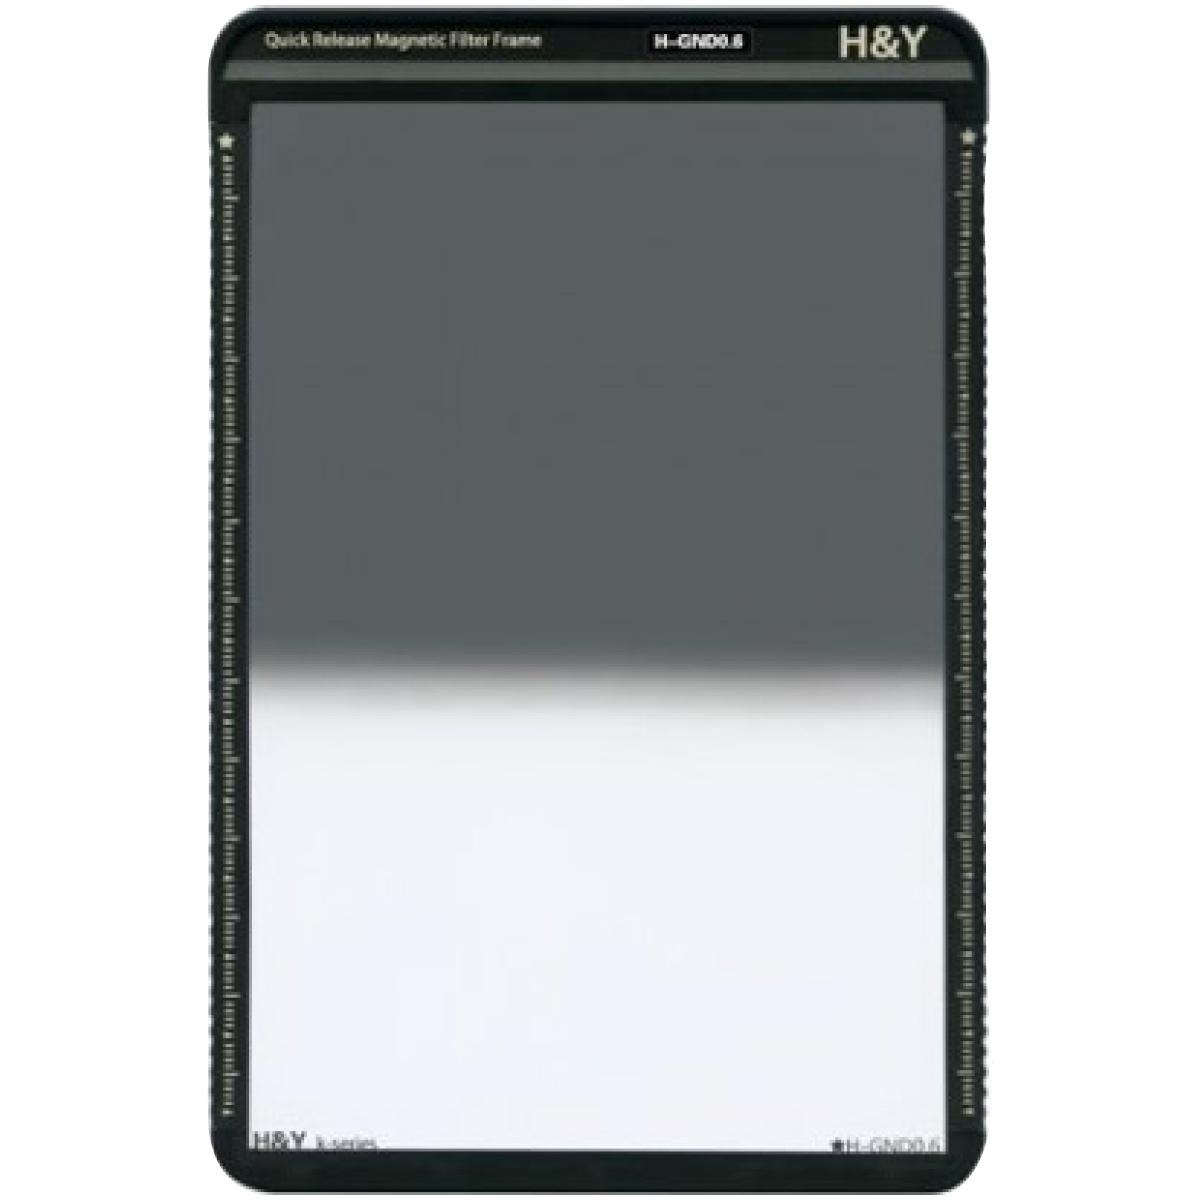 H&Y Grauverlaufsfilter 100x150 mm GND4 Hard K-Serie